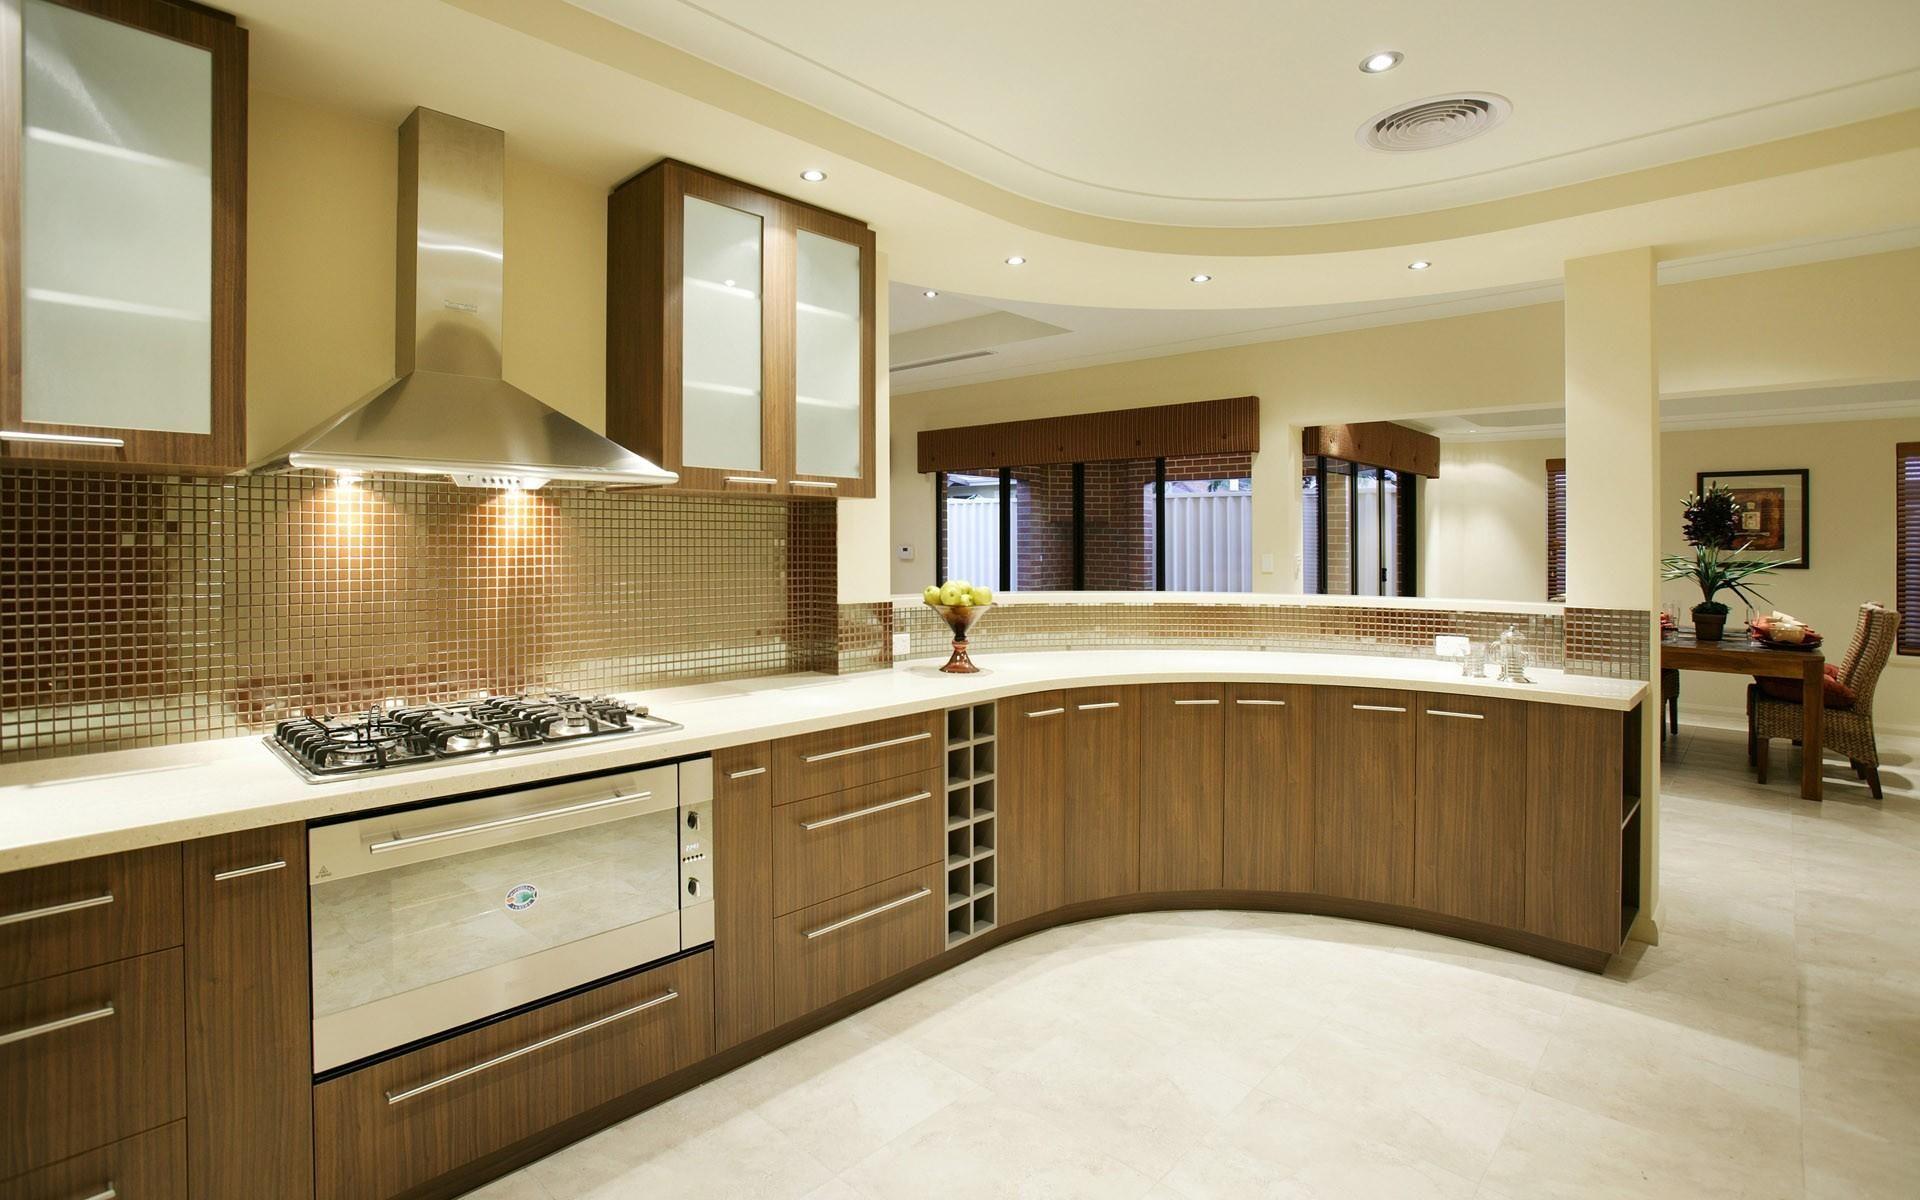 Interior : HD Modern Kitchen Interior Design Wallpaper Marvelous